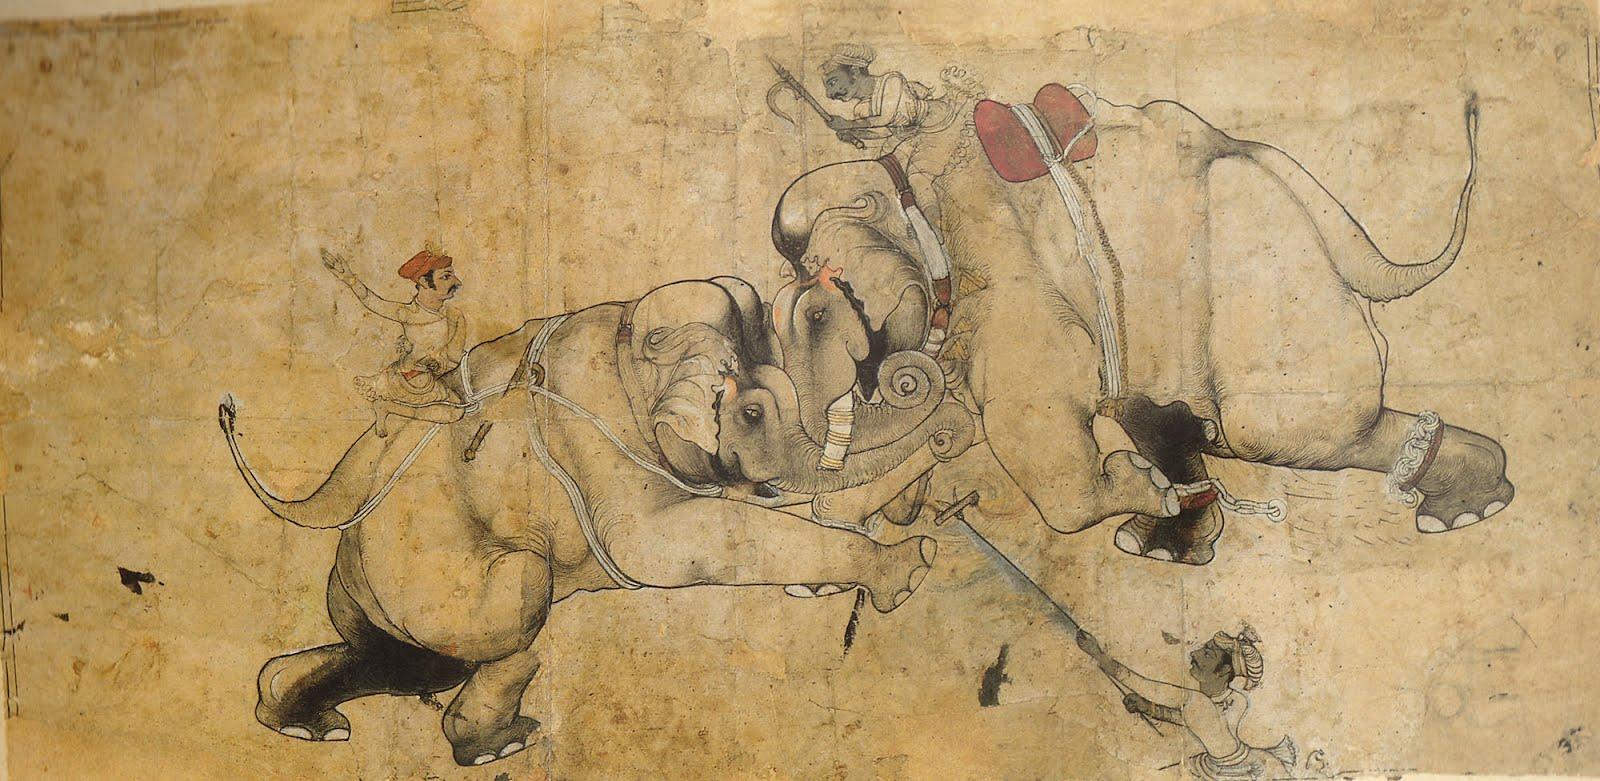 رسمة تعبيرية من القرن الـ 17 حول حرب الأفيال